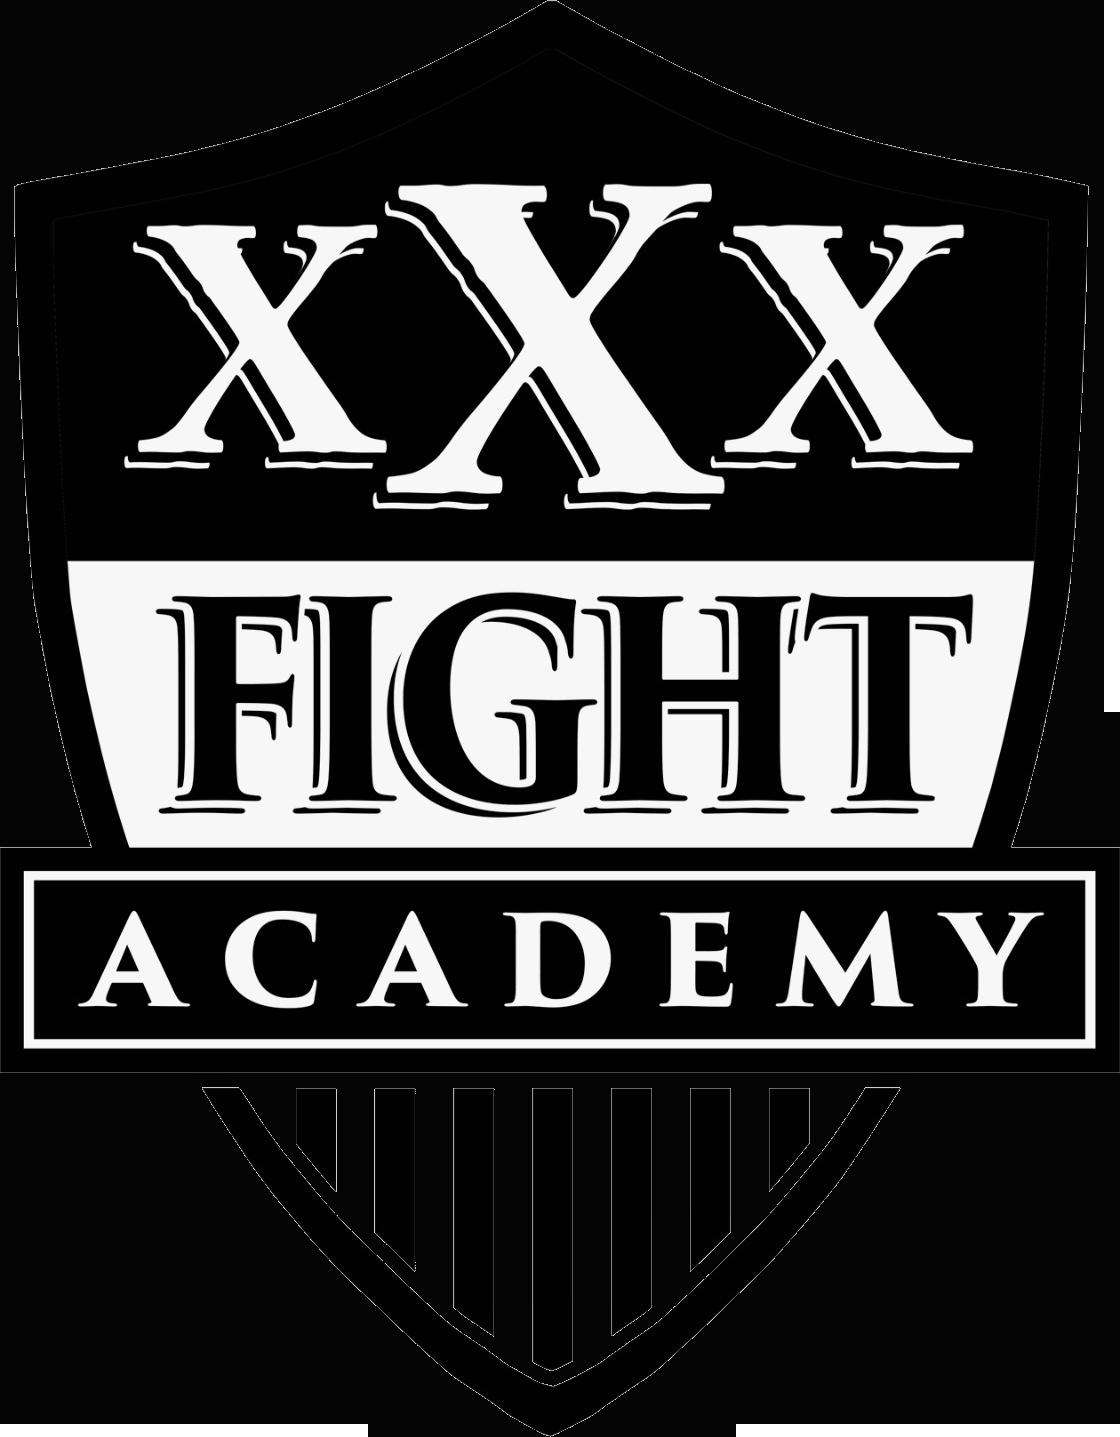 xxxfightacademy.com.au